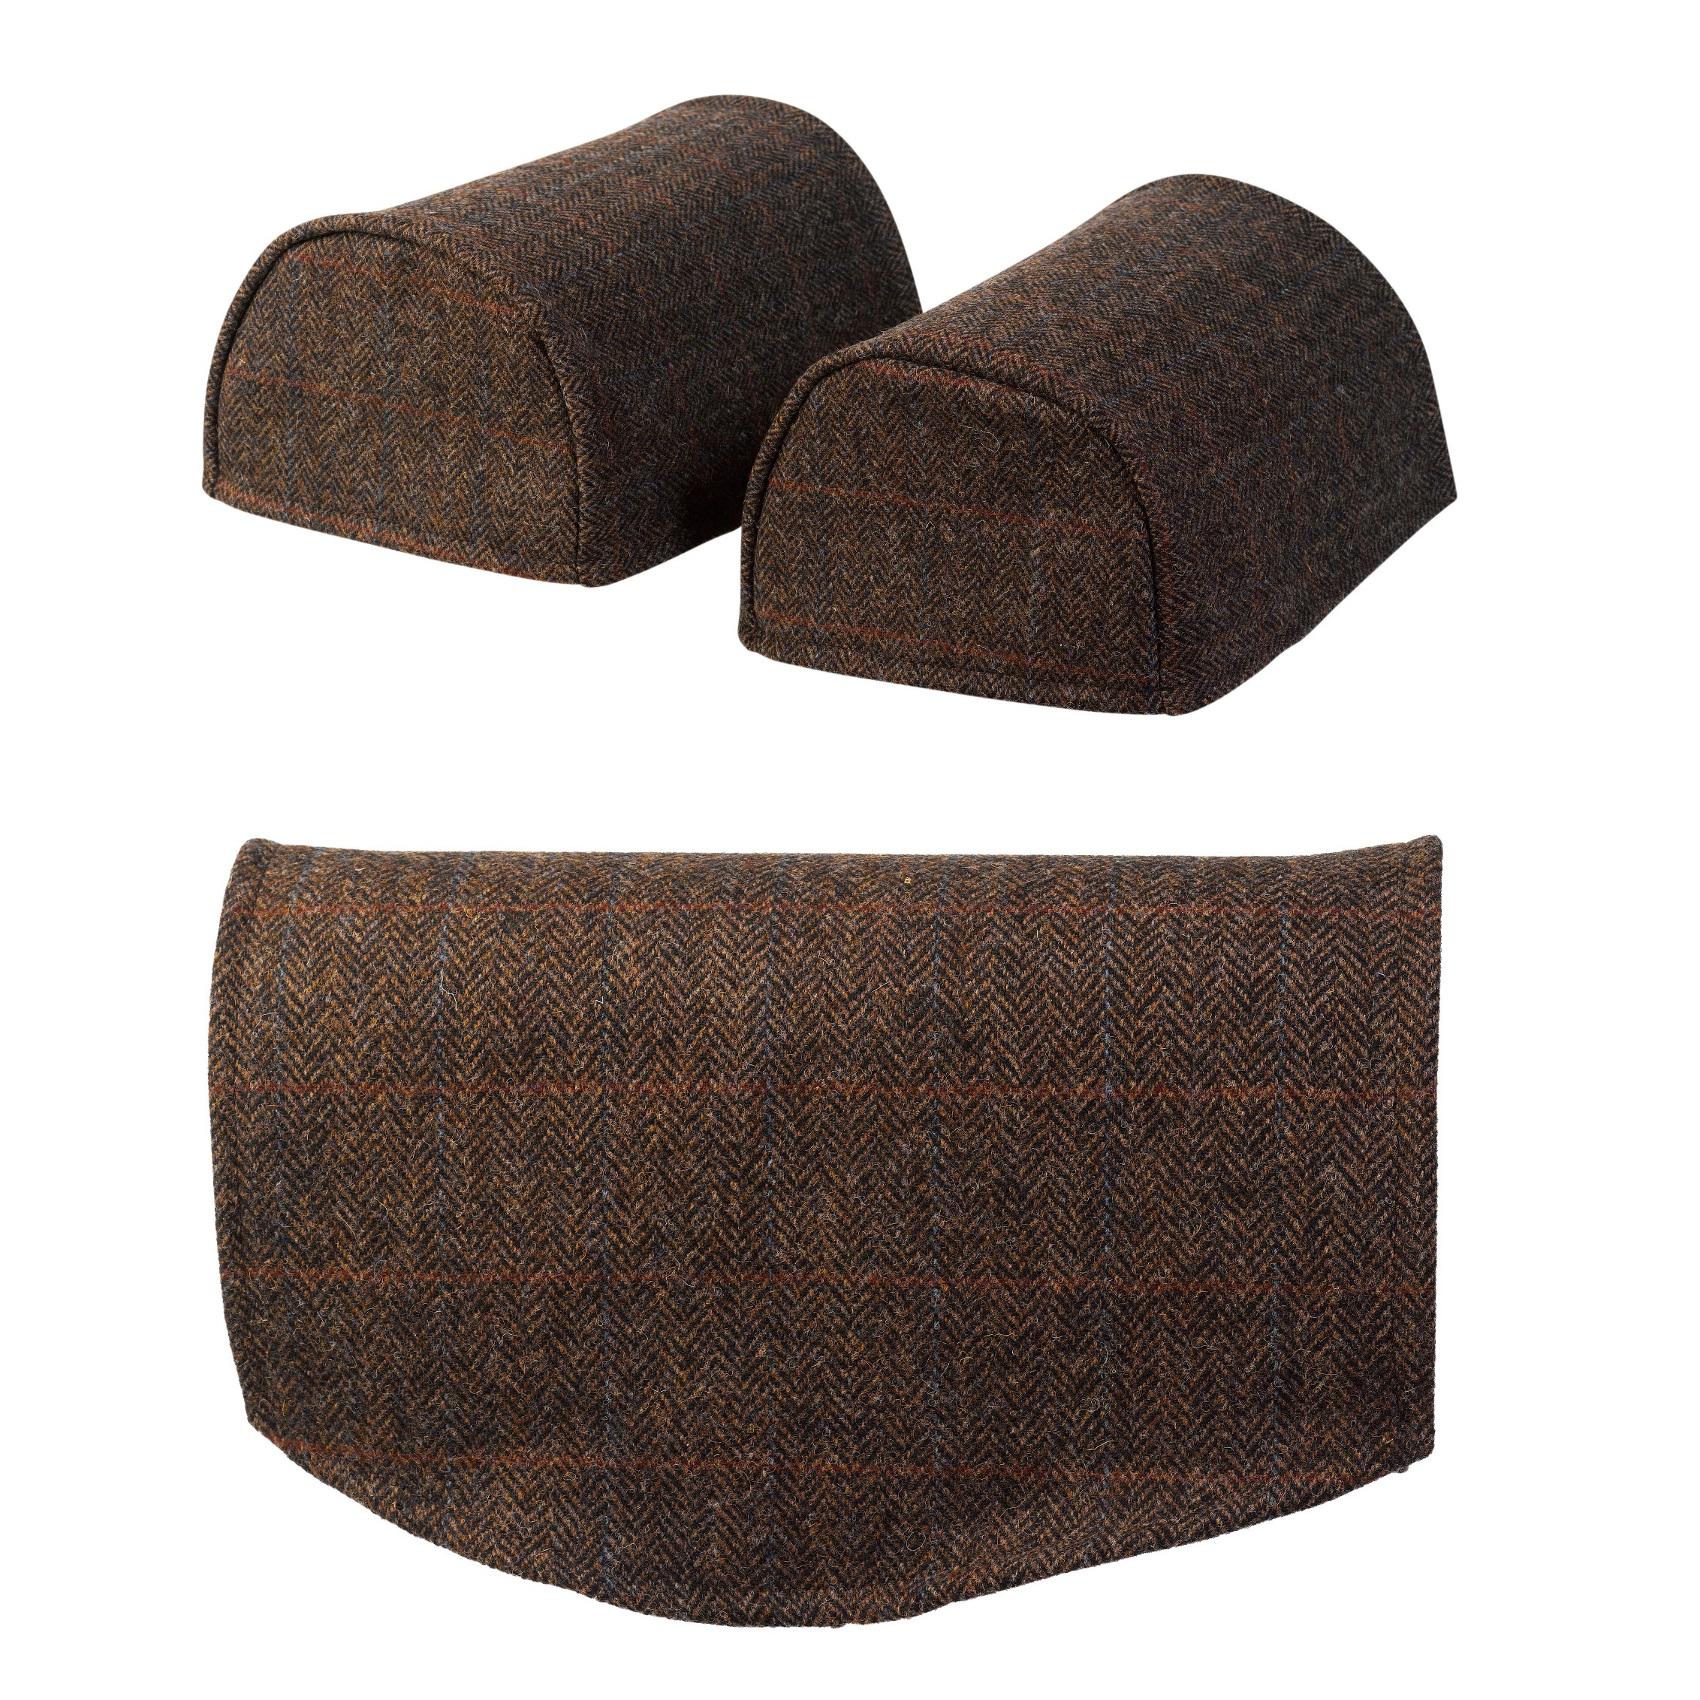 sold as a pair Harris Tweed Antimacassar Wick Herringbone Barley Arm Caps